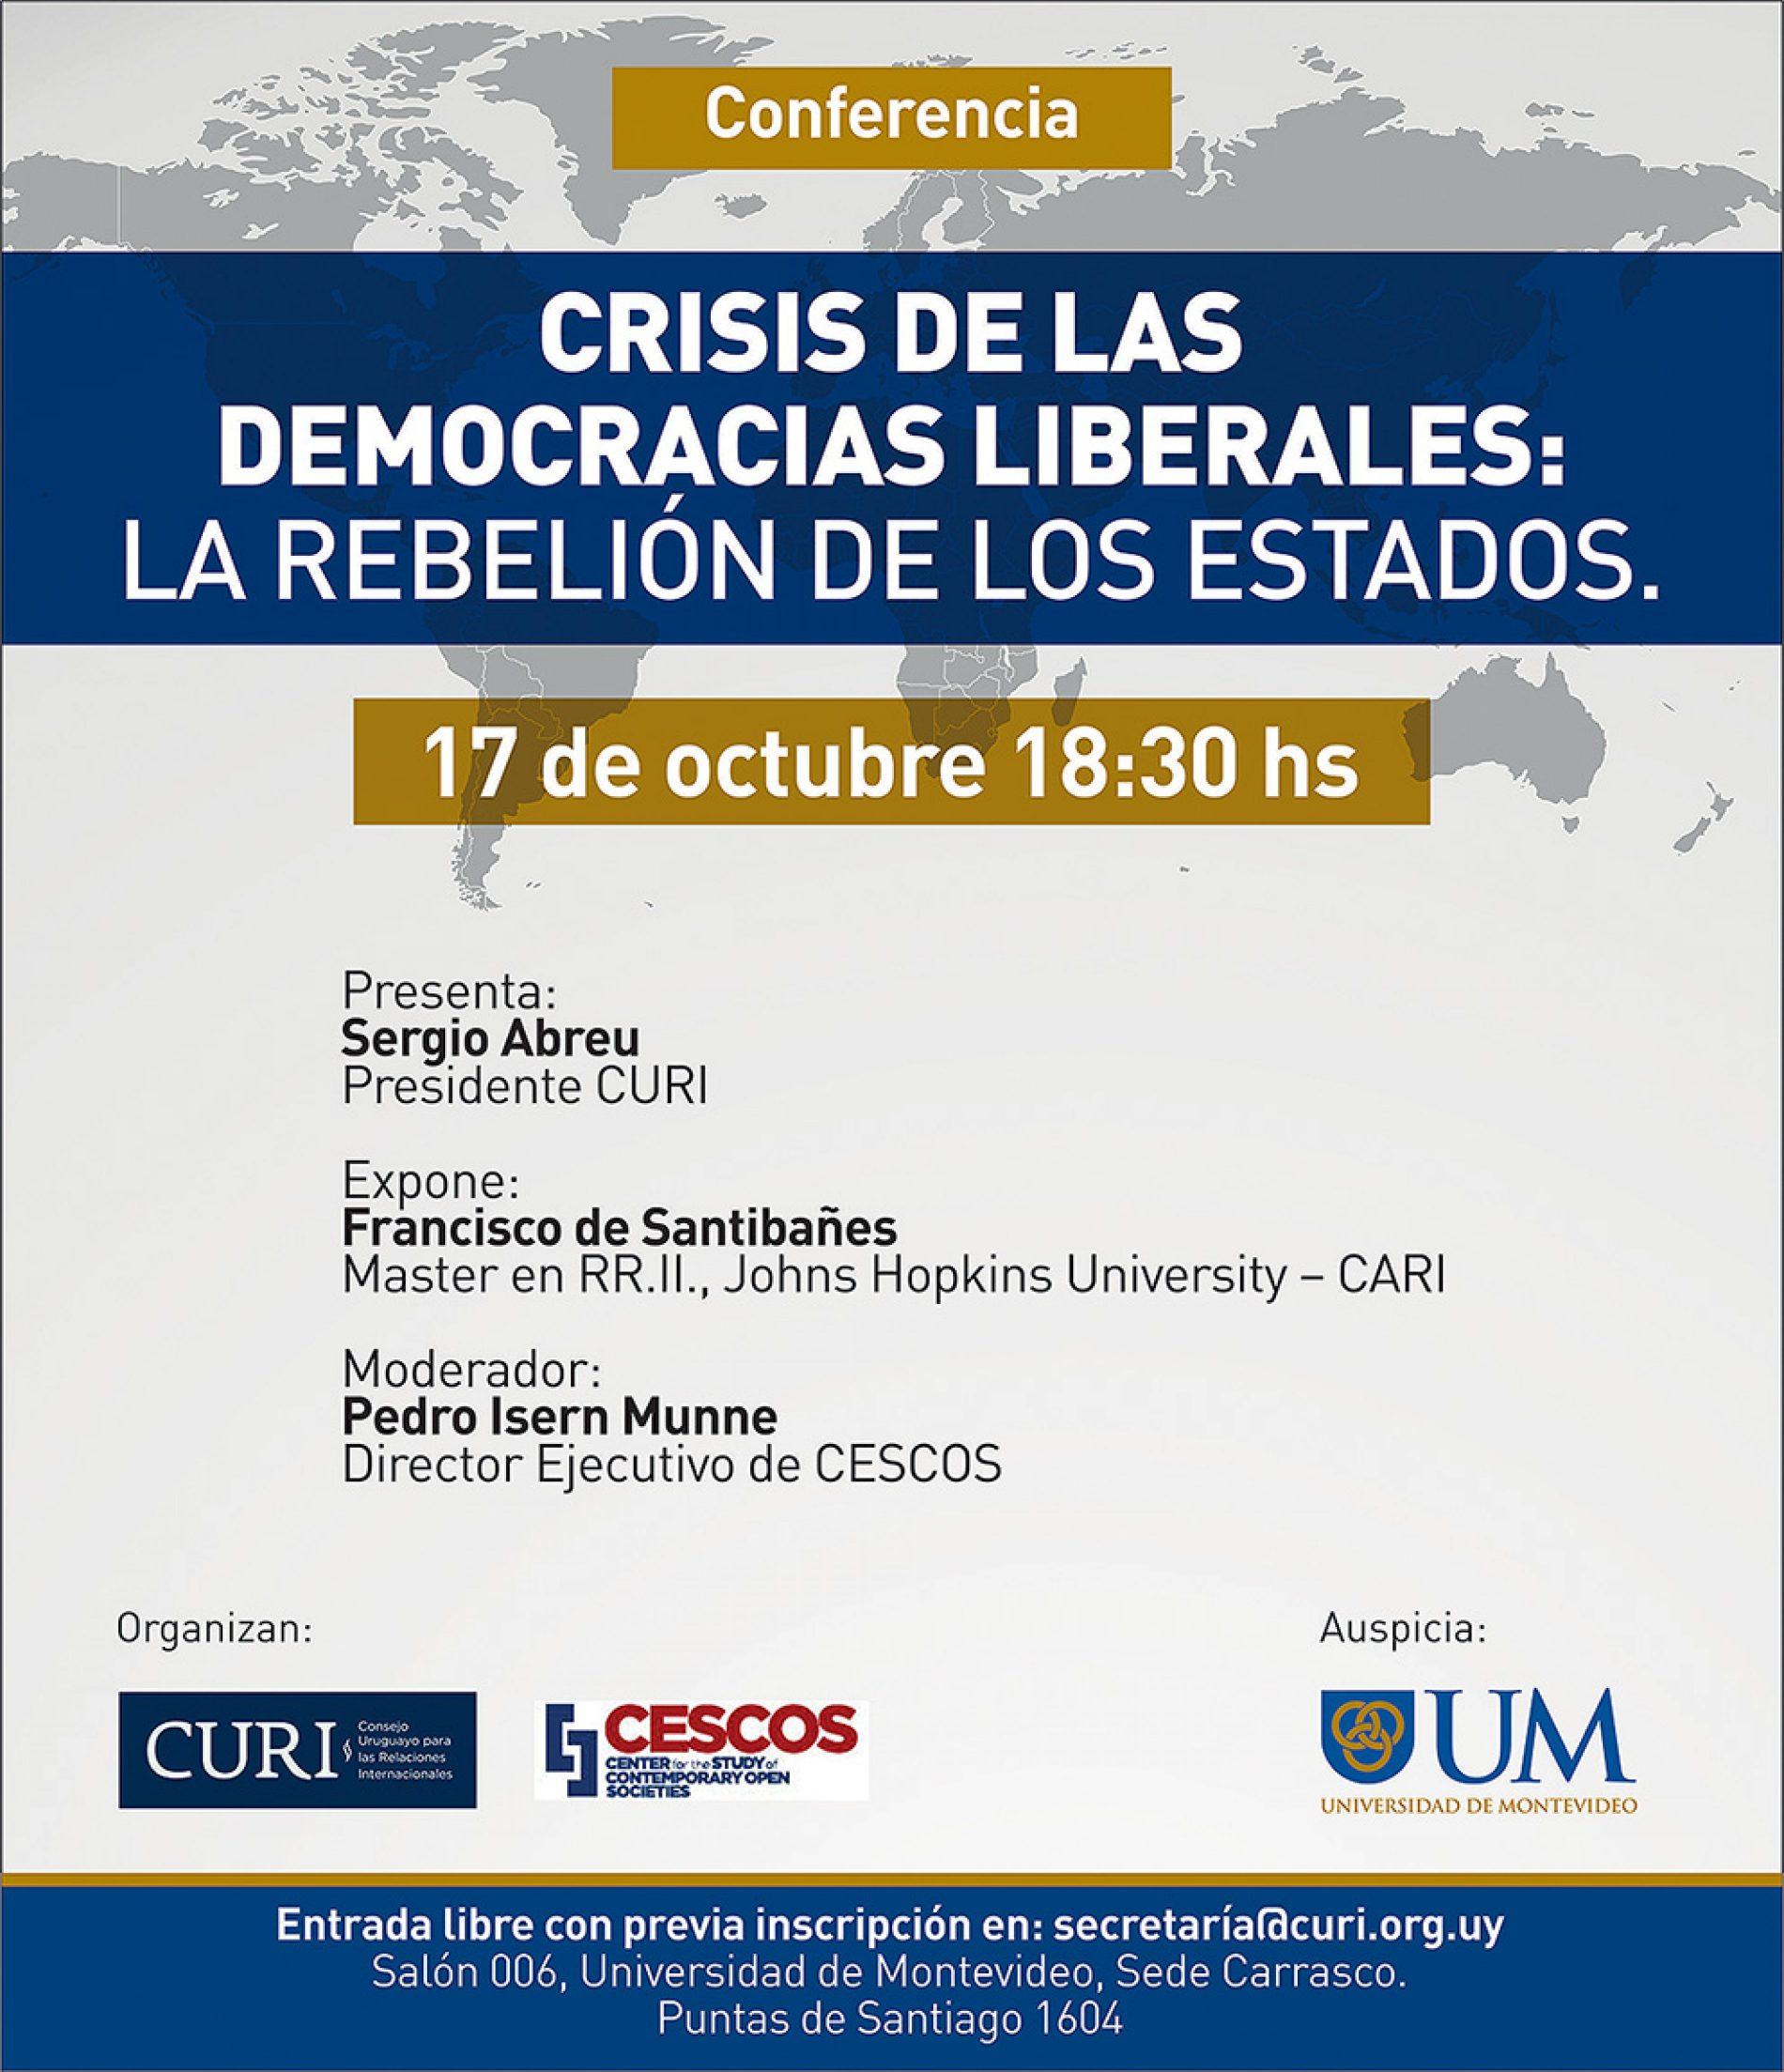 Conferencia: Crisis de las democracias liberales